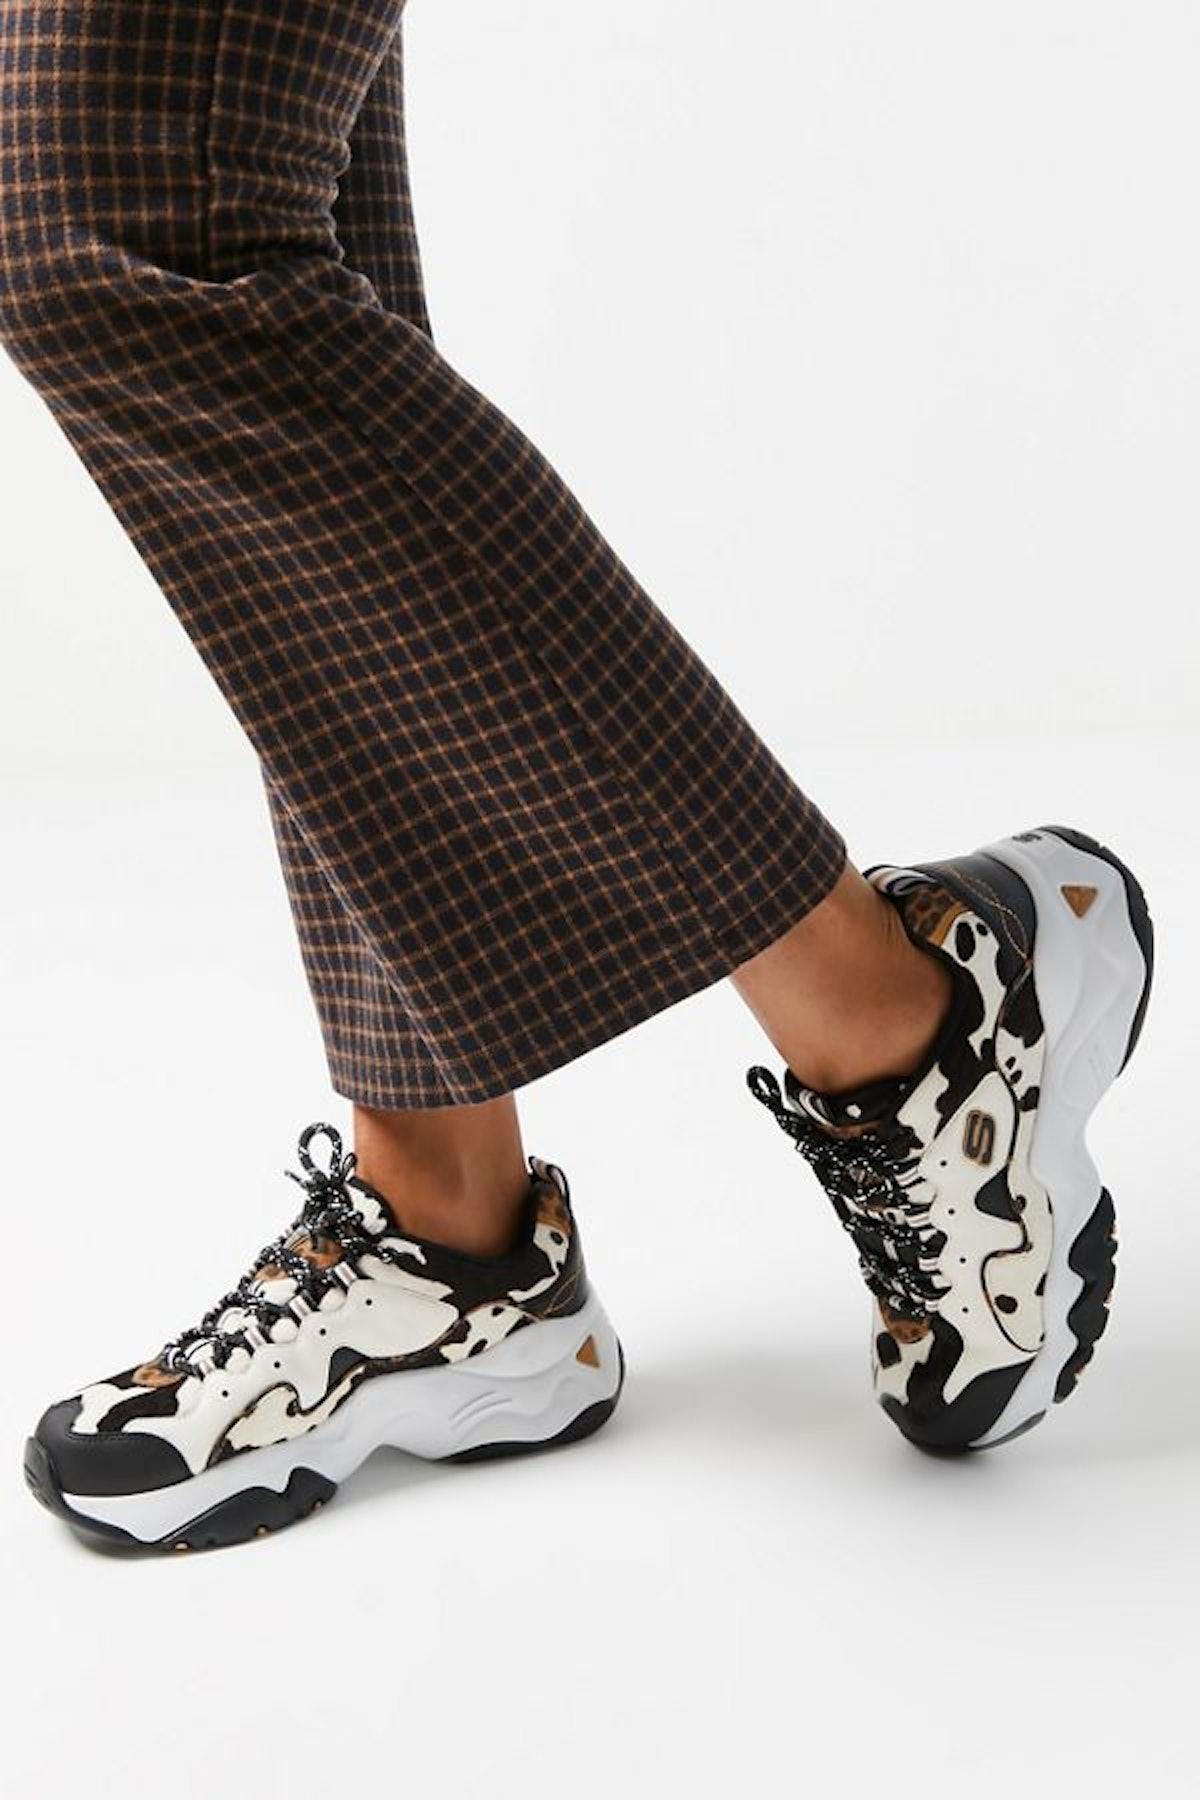 Skechers UO Exclusive D-Lites 3 Cow Print Sneaker